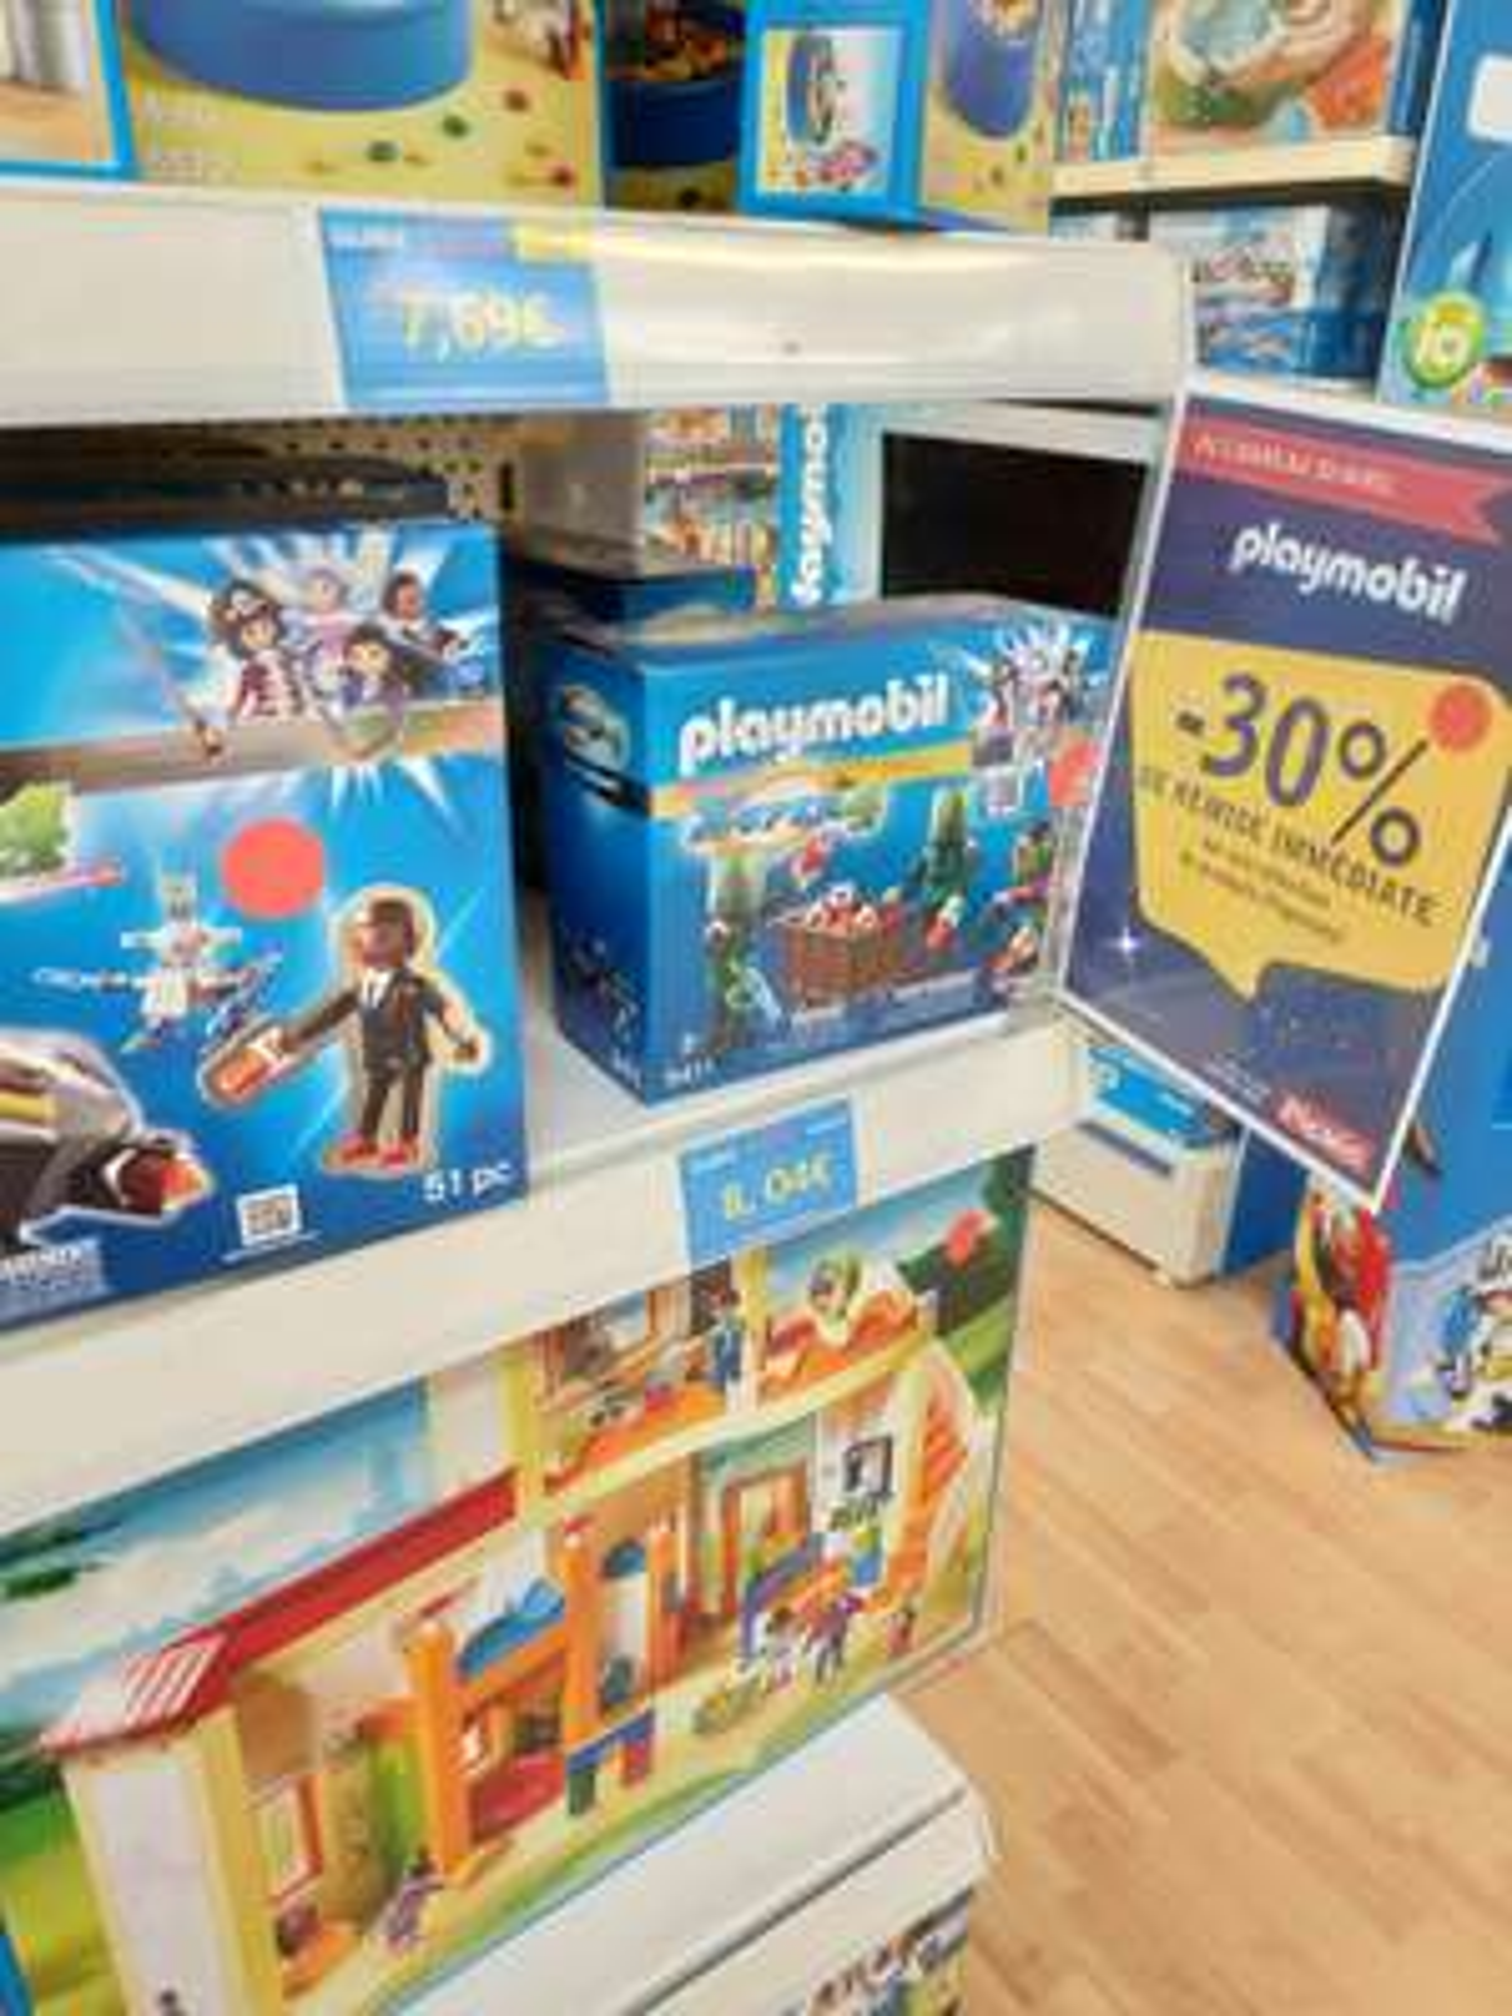 30% de réduction sur une sélection de jouets Playmobil - Orvault (44)